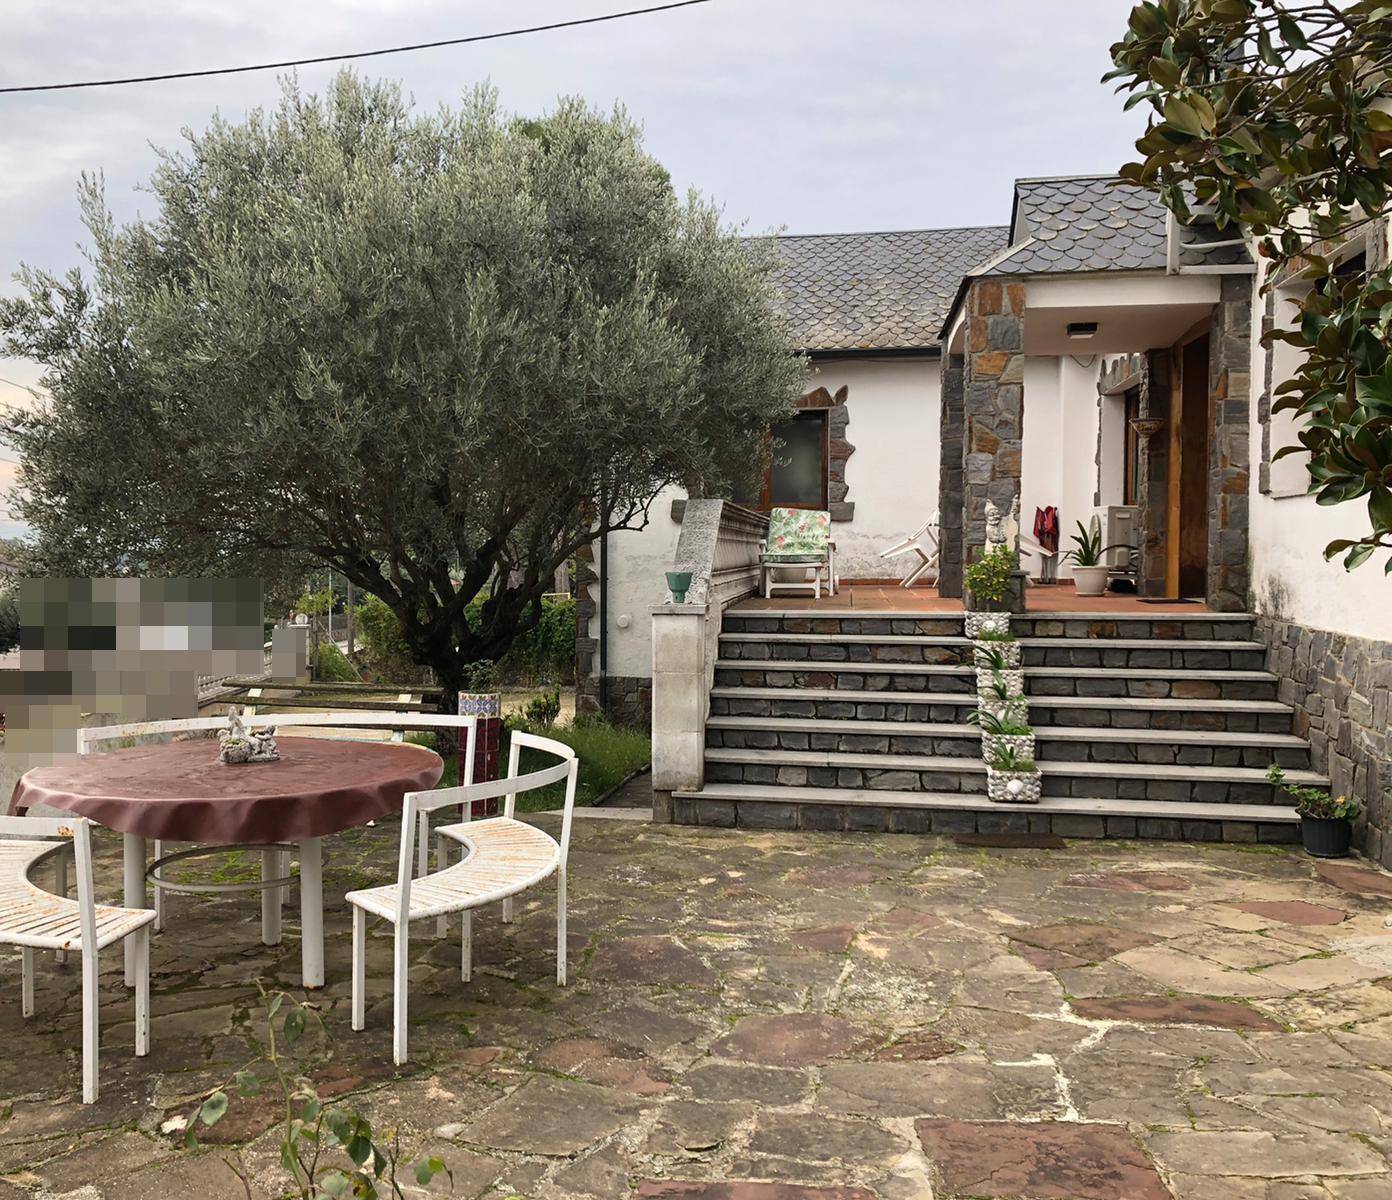 Imagen 2 Casa Aislada en venta en Lliçà D´amunt / Can salgot-Lliça de Munt-339m2 - Piscina- Señorial